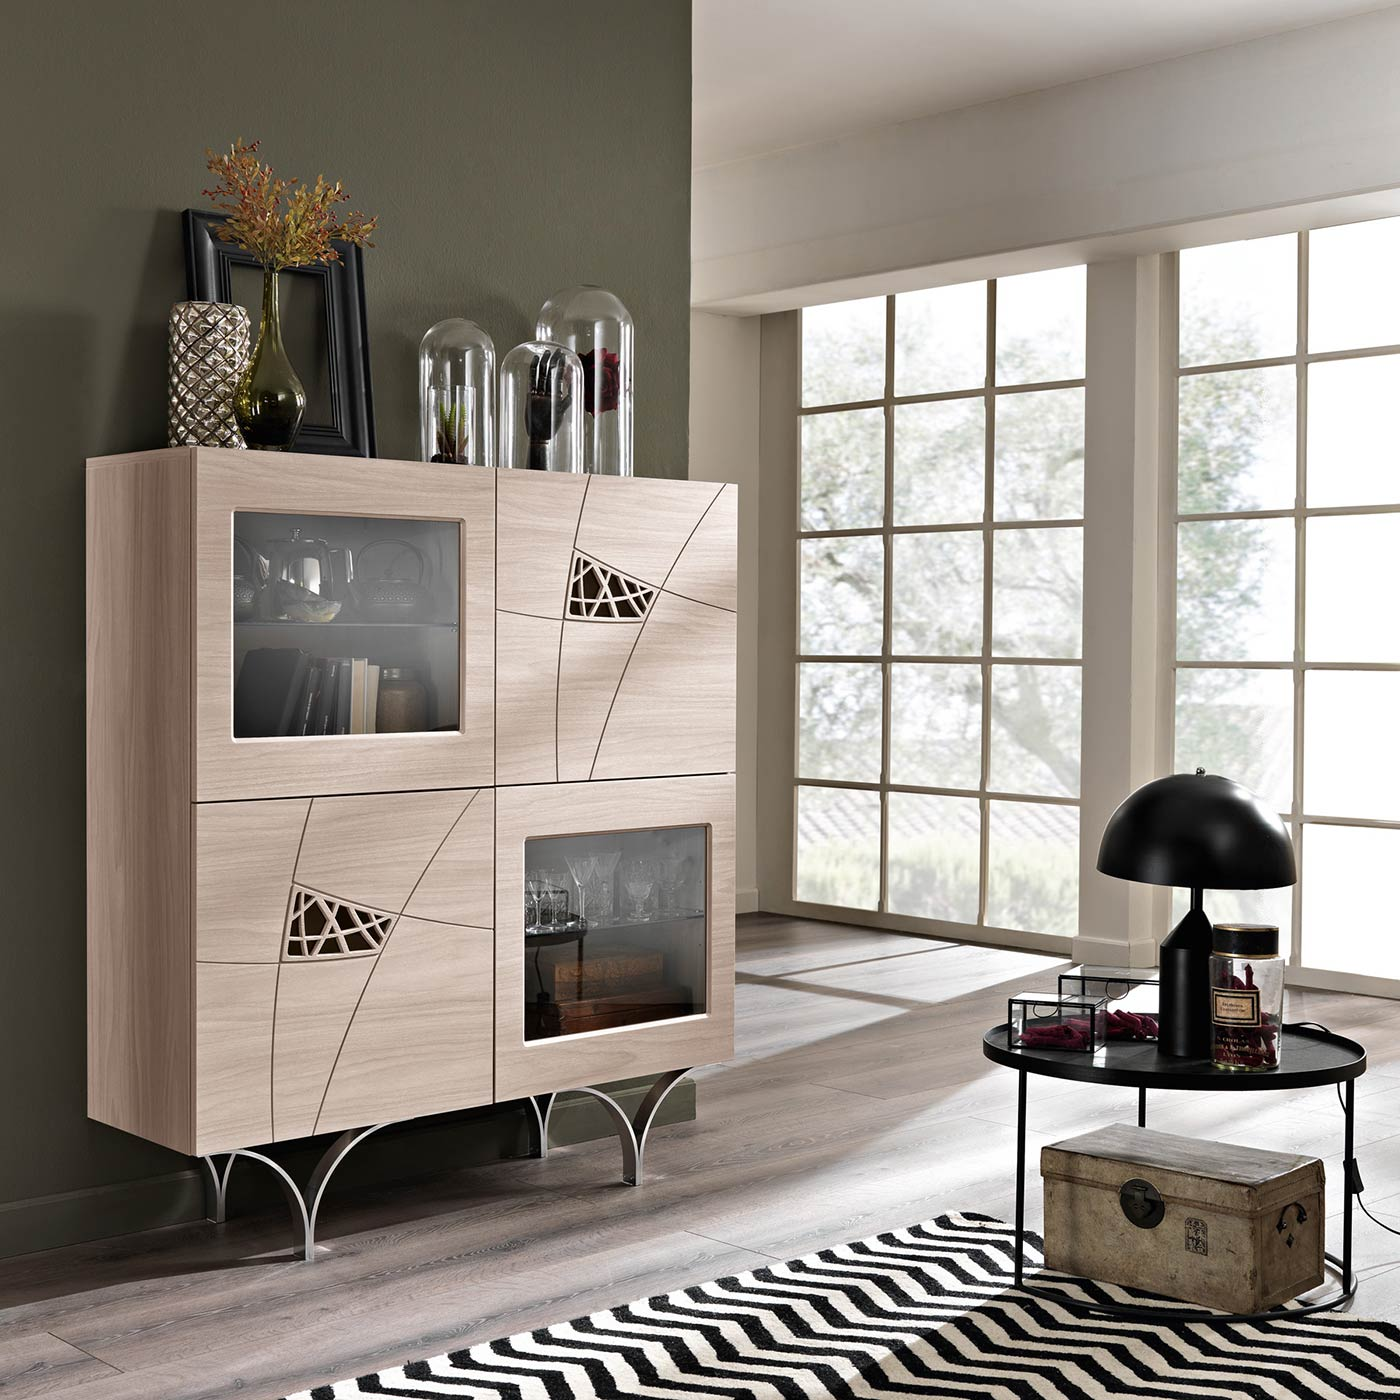 Arredamento soggiorno moderno modello lapis spar - Mobile soggiorno moderno ...